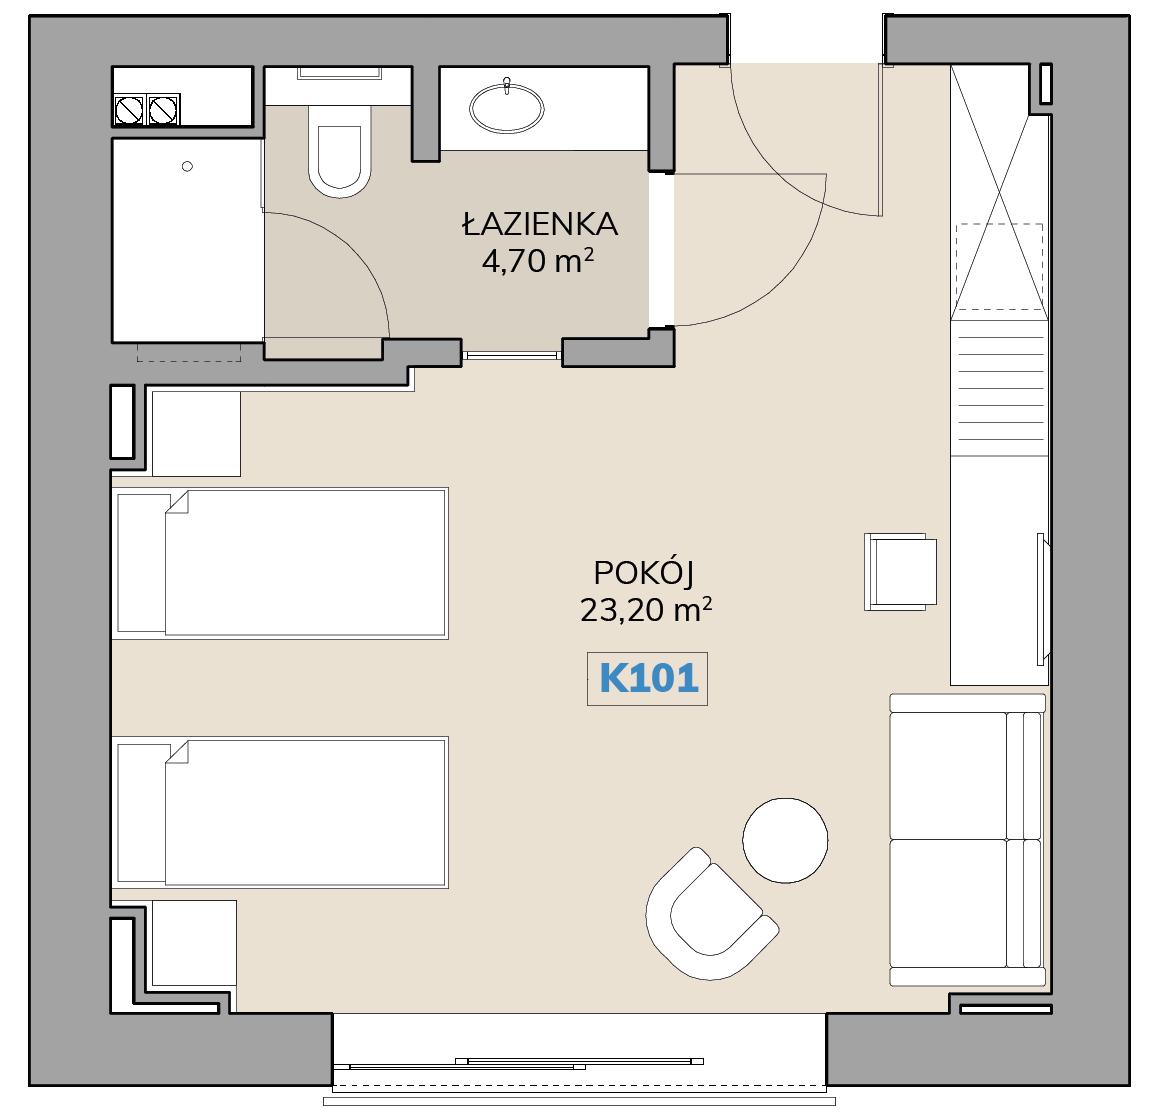 Apartament K101